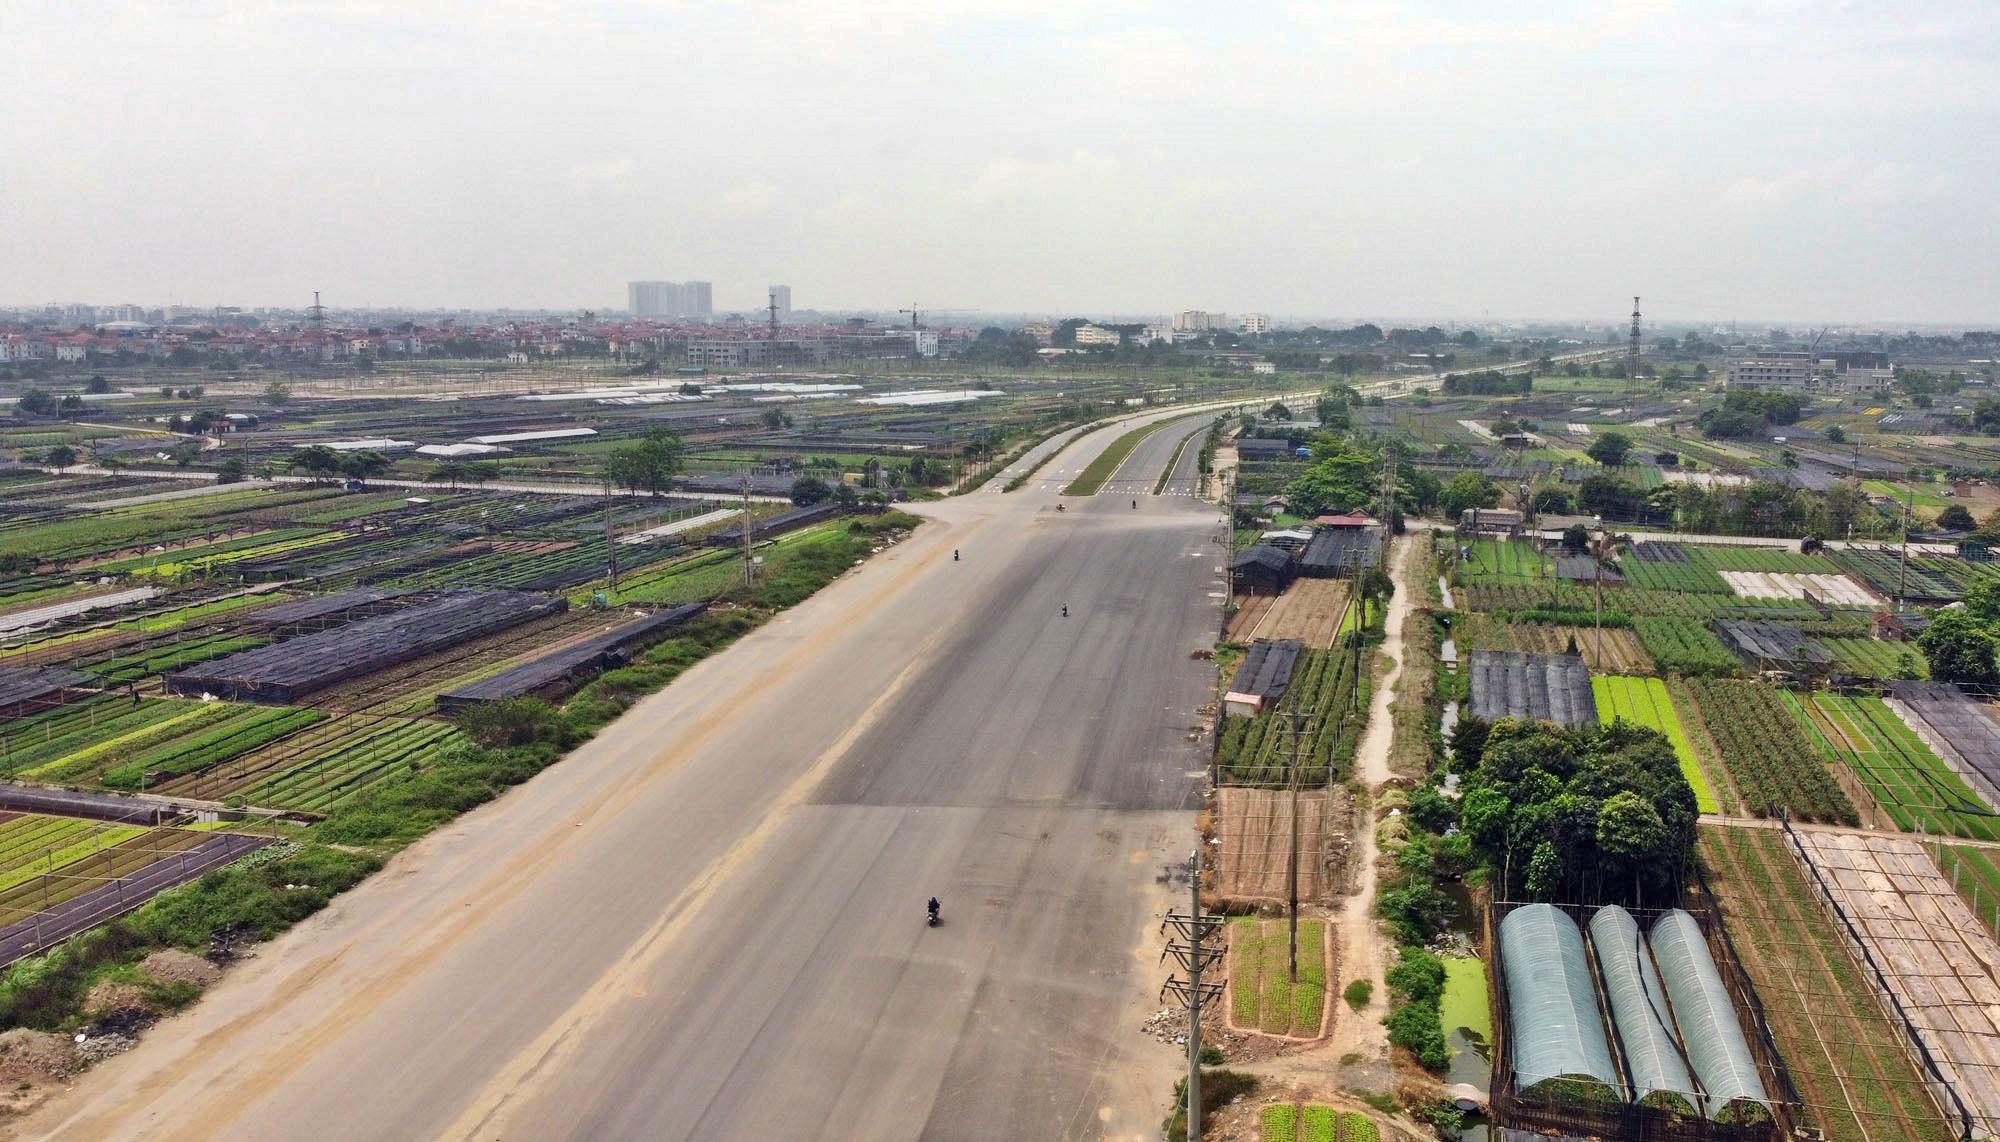 Toàn cảnh đường Tây Thăng Long đang mở theo quy hoạch ở Hà Nội - Ảnh 6.